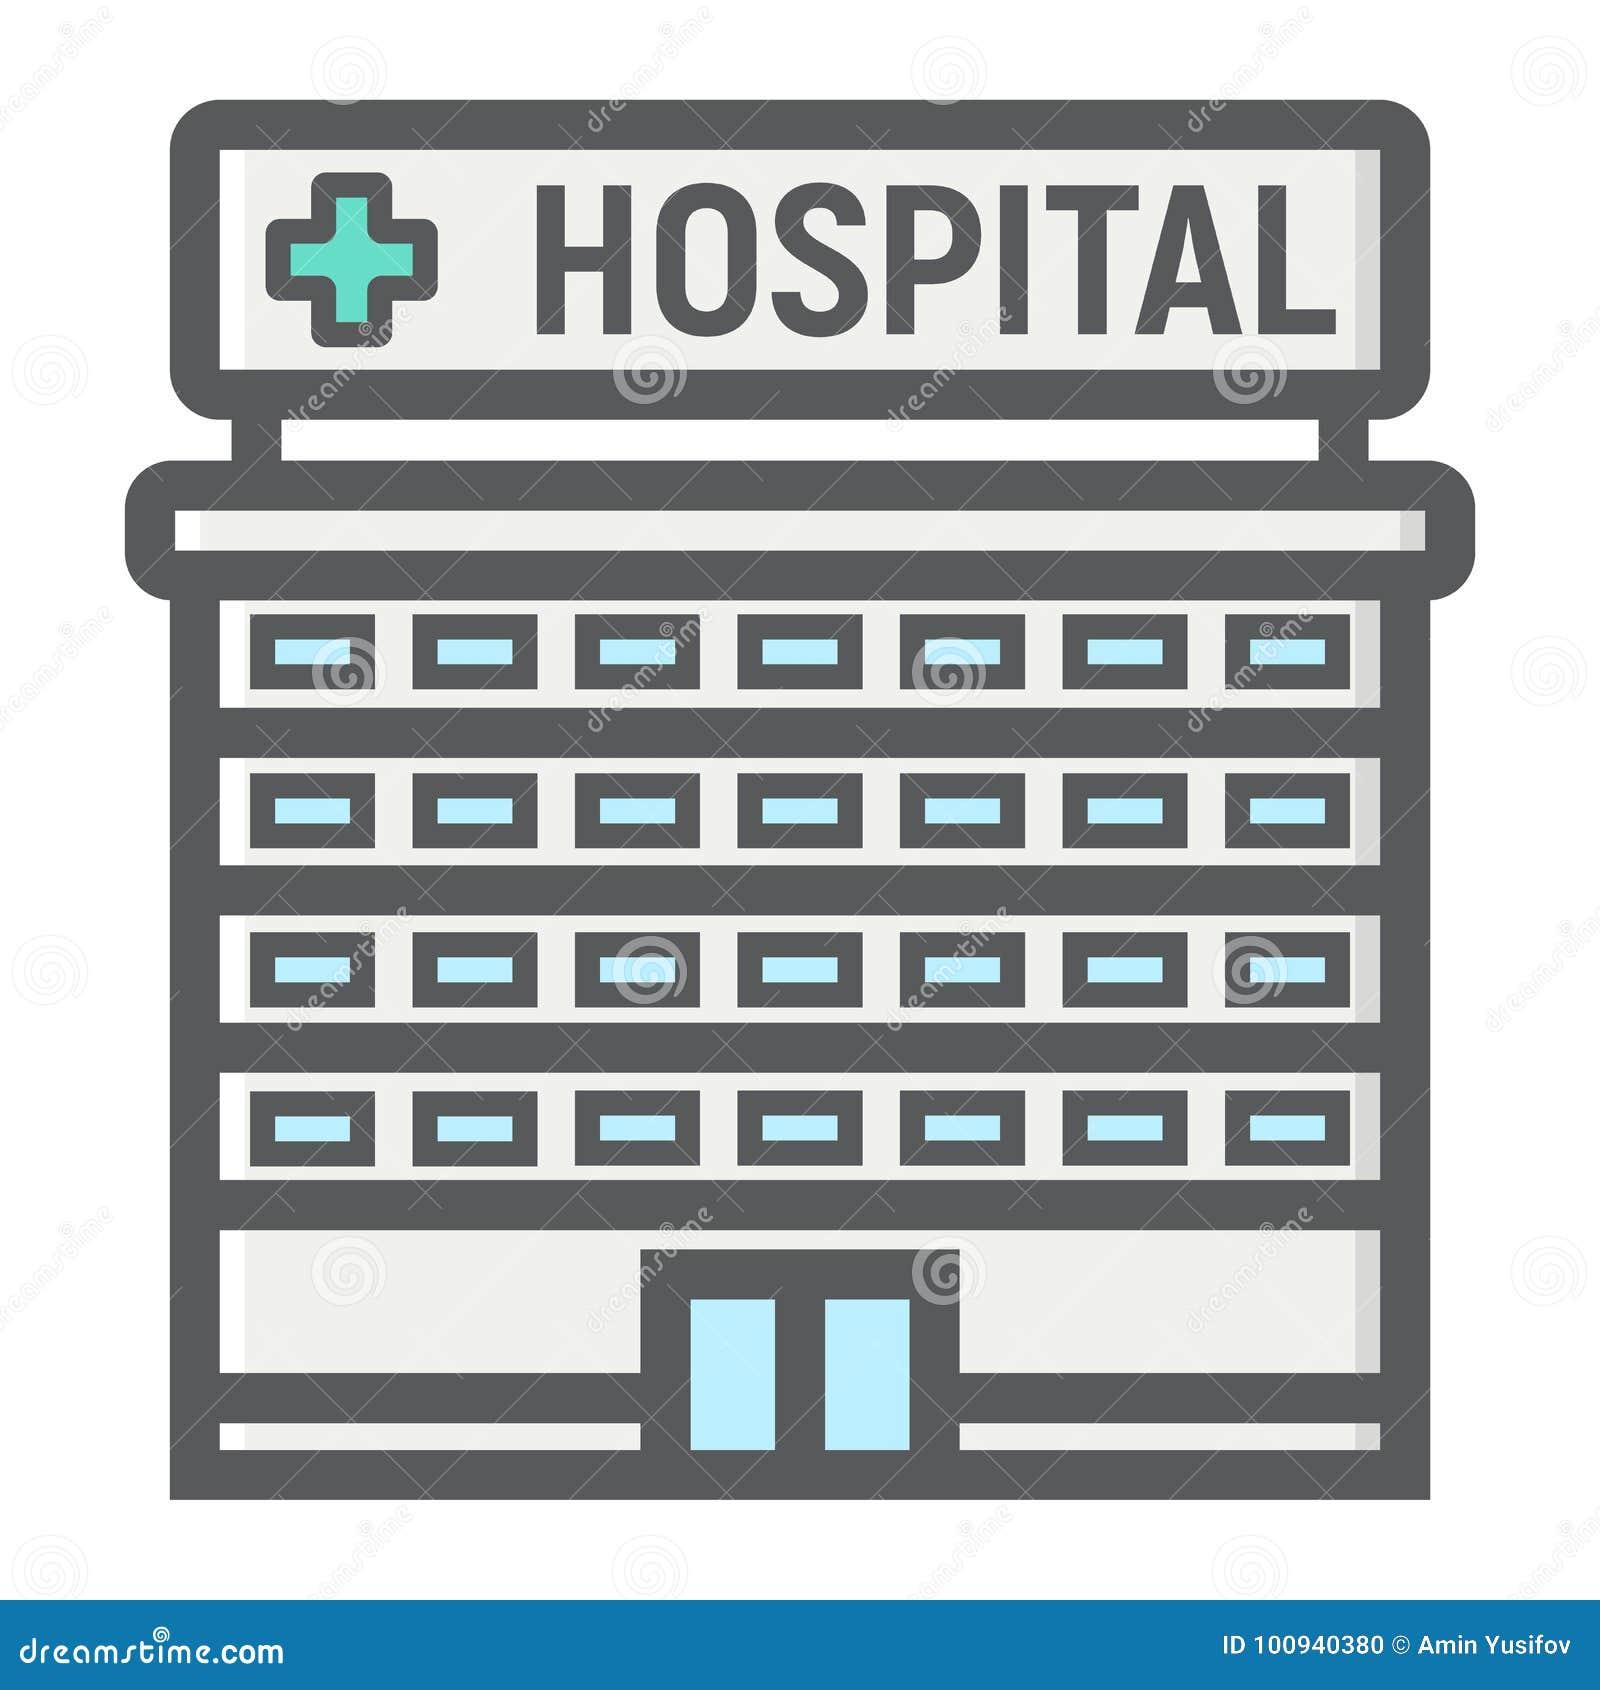 Hospital building filled outline icon, medicine